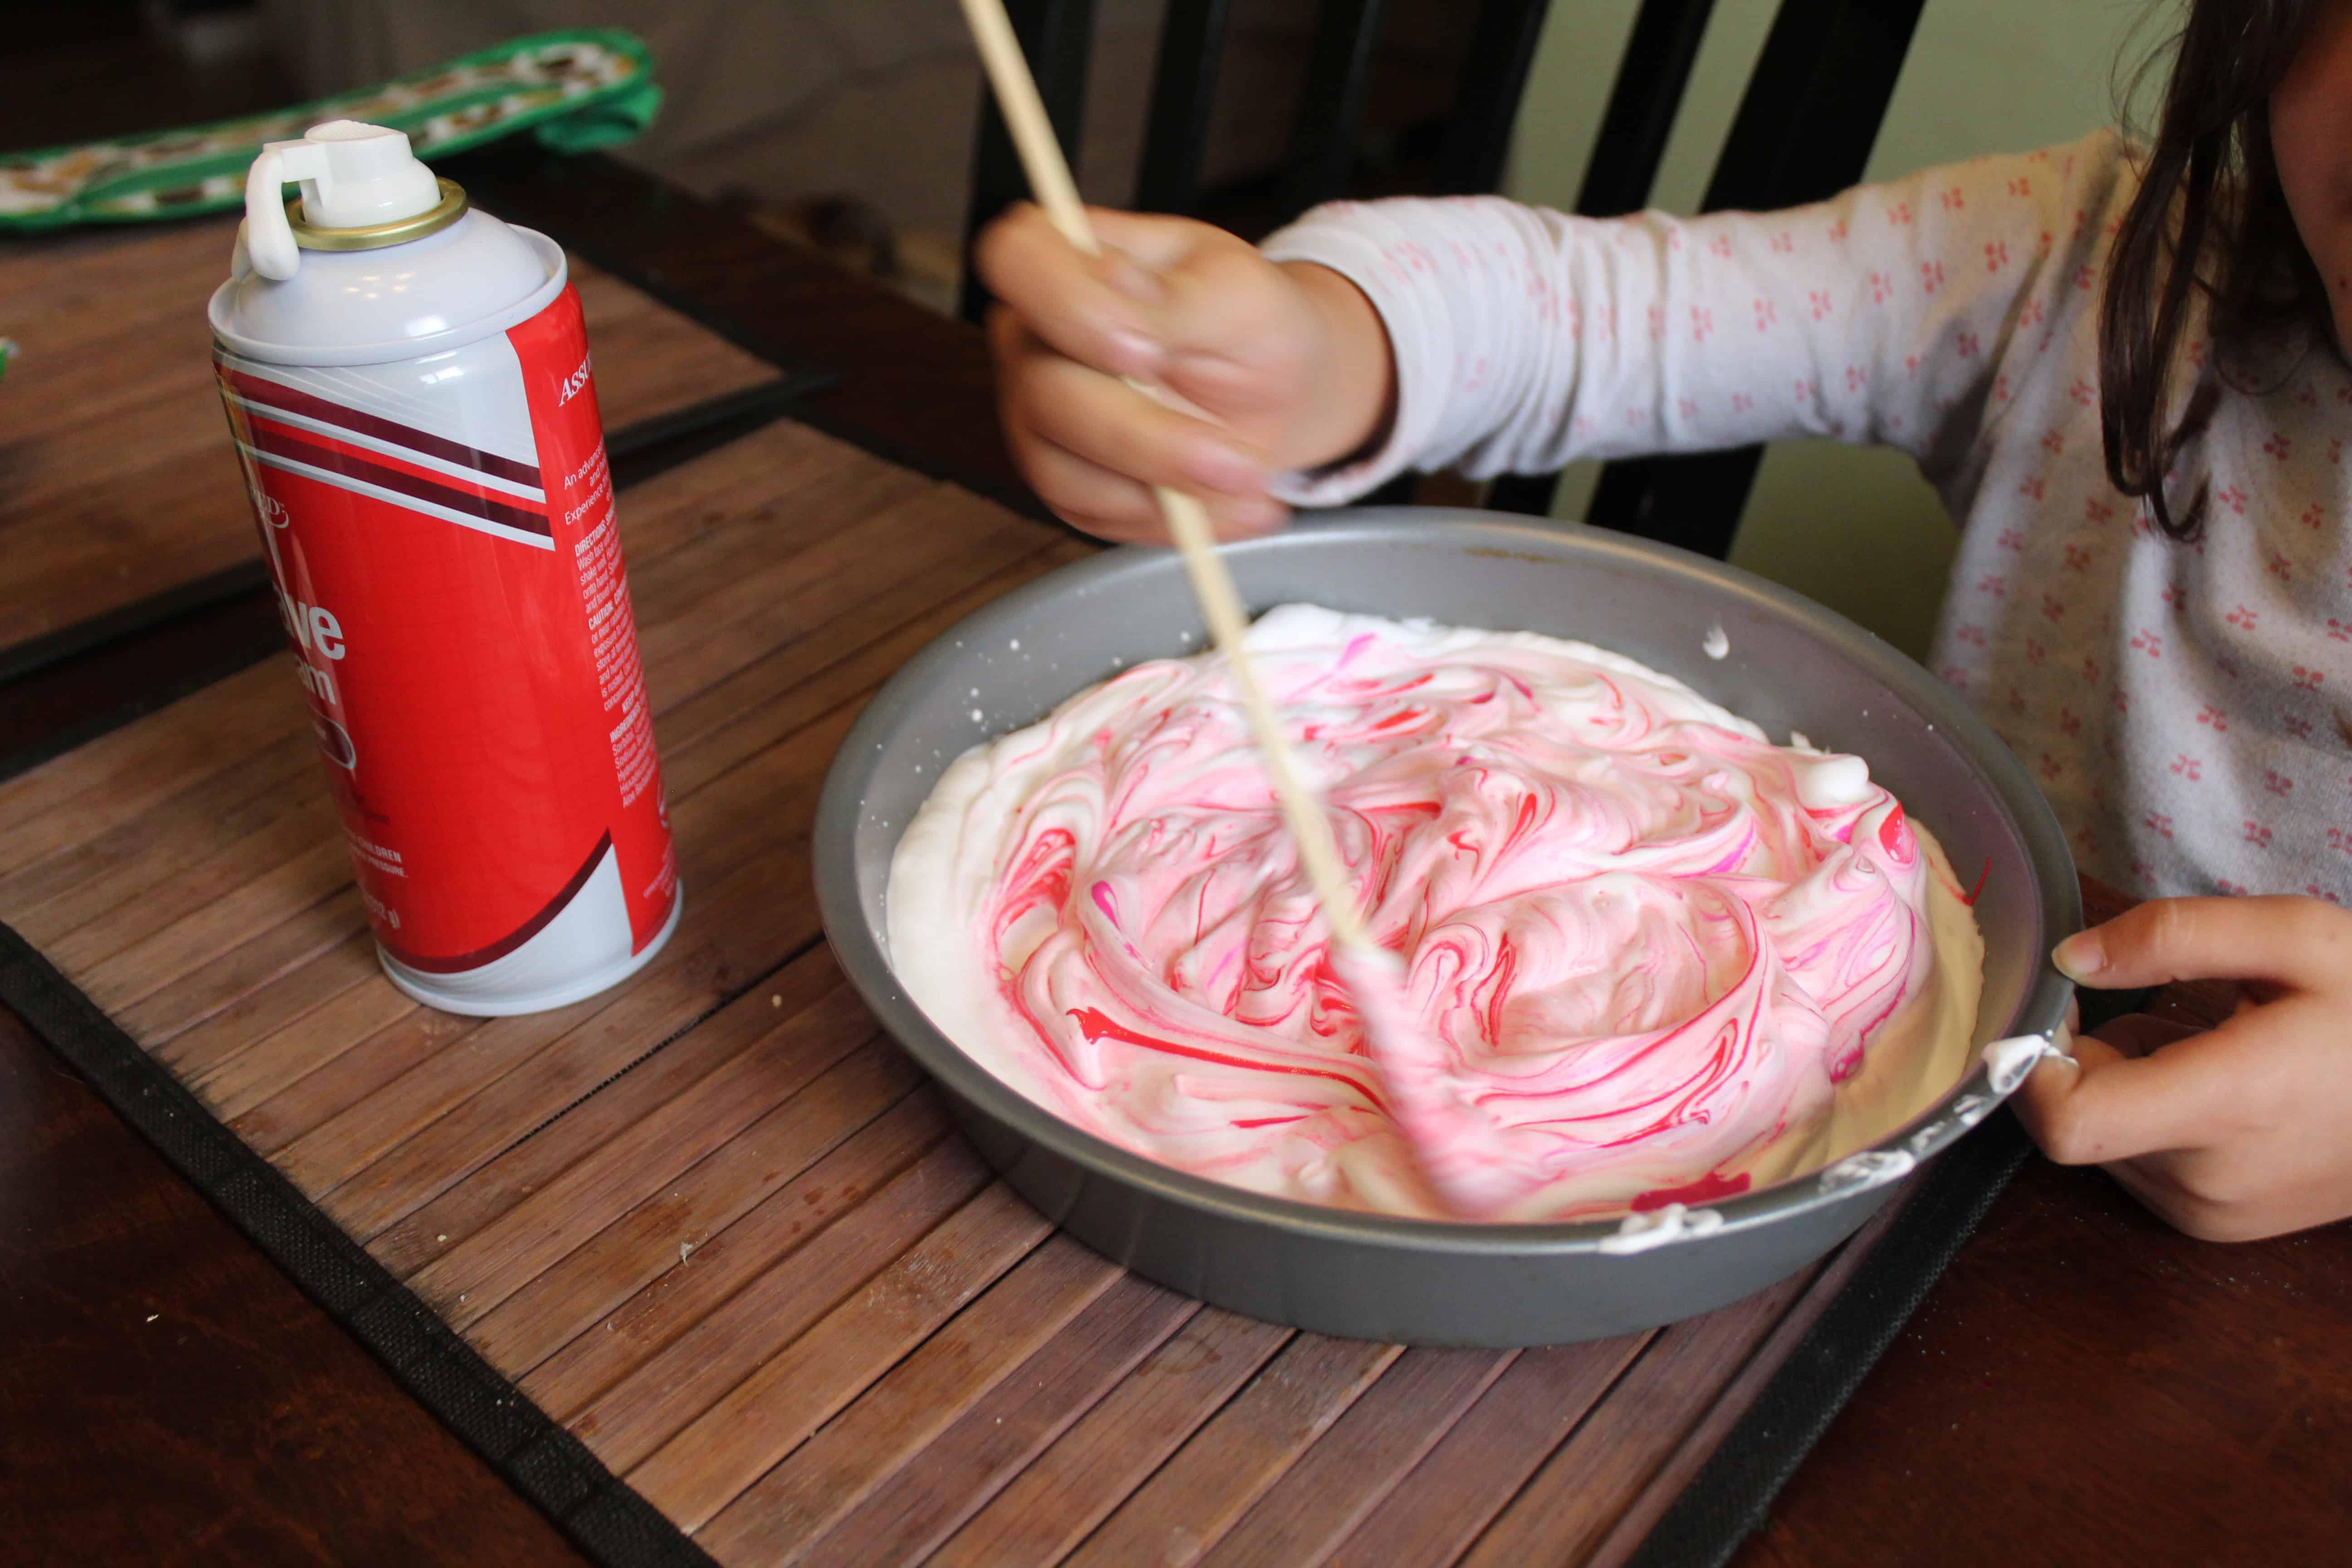 preschooler mixing paint into shaving cream